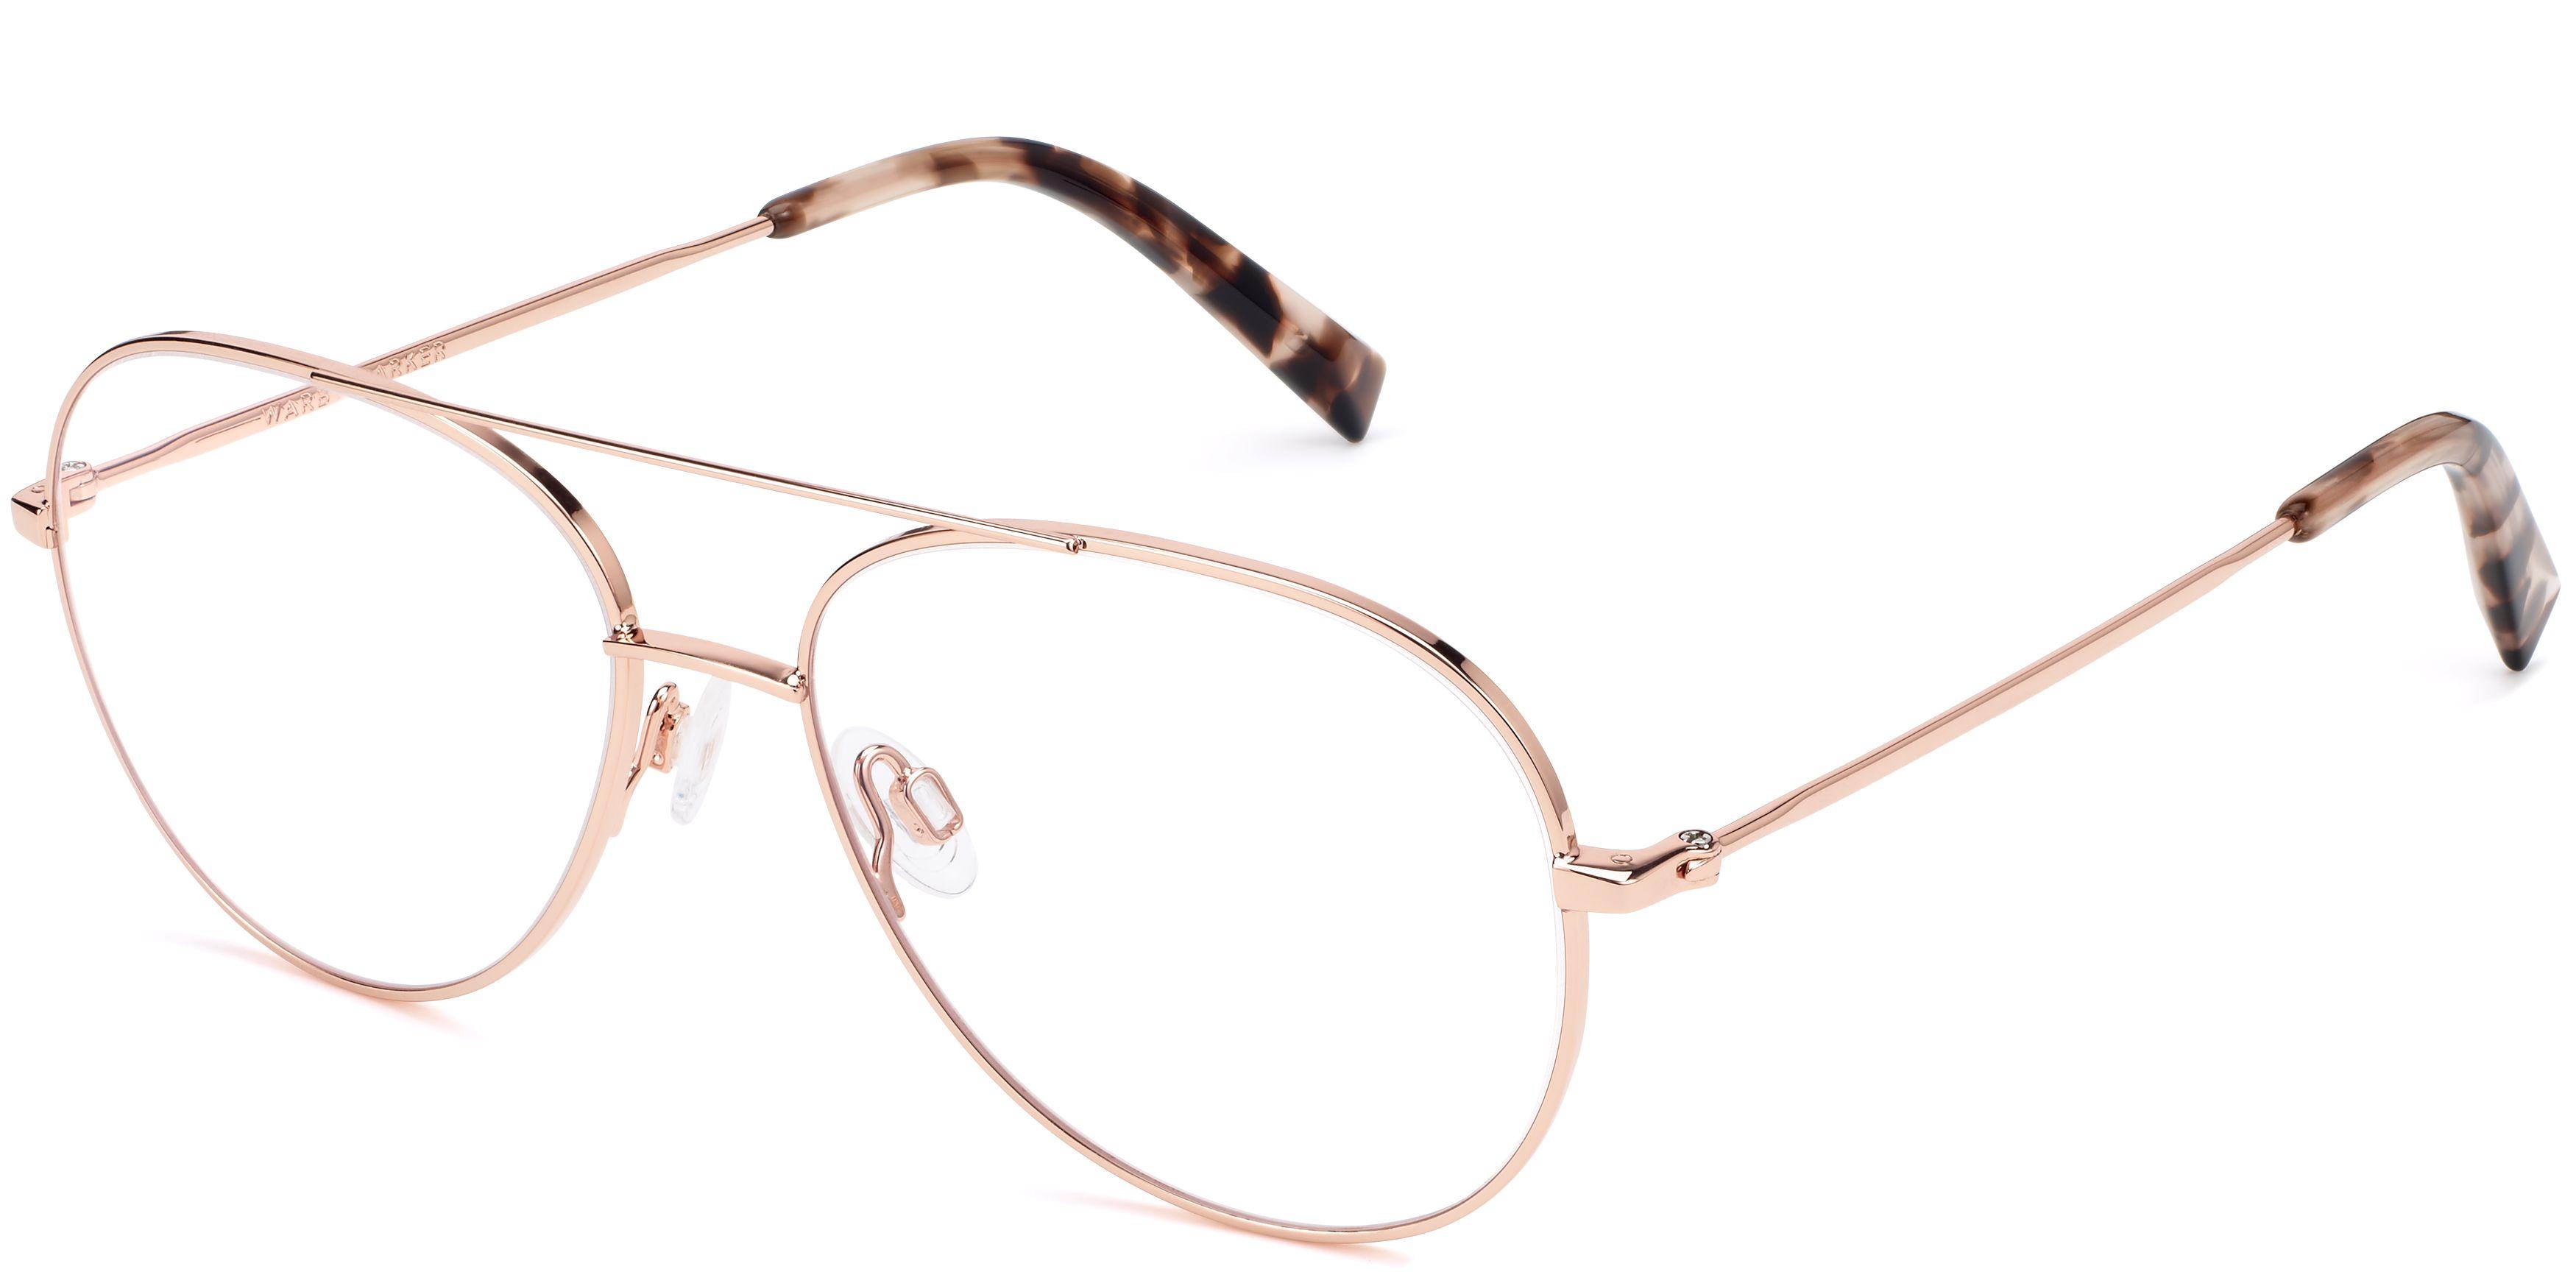 5105064e17 York Eyeglasses in Rose Gold for Women